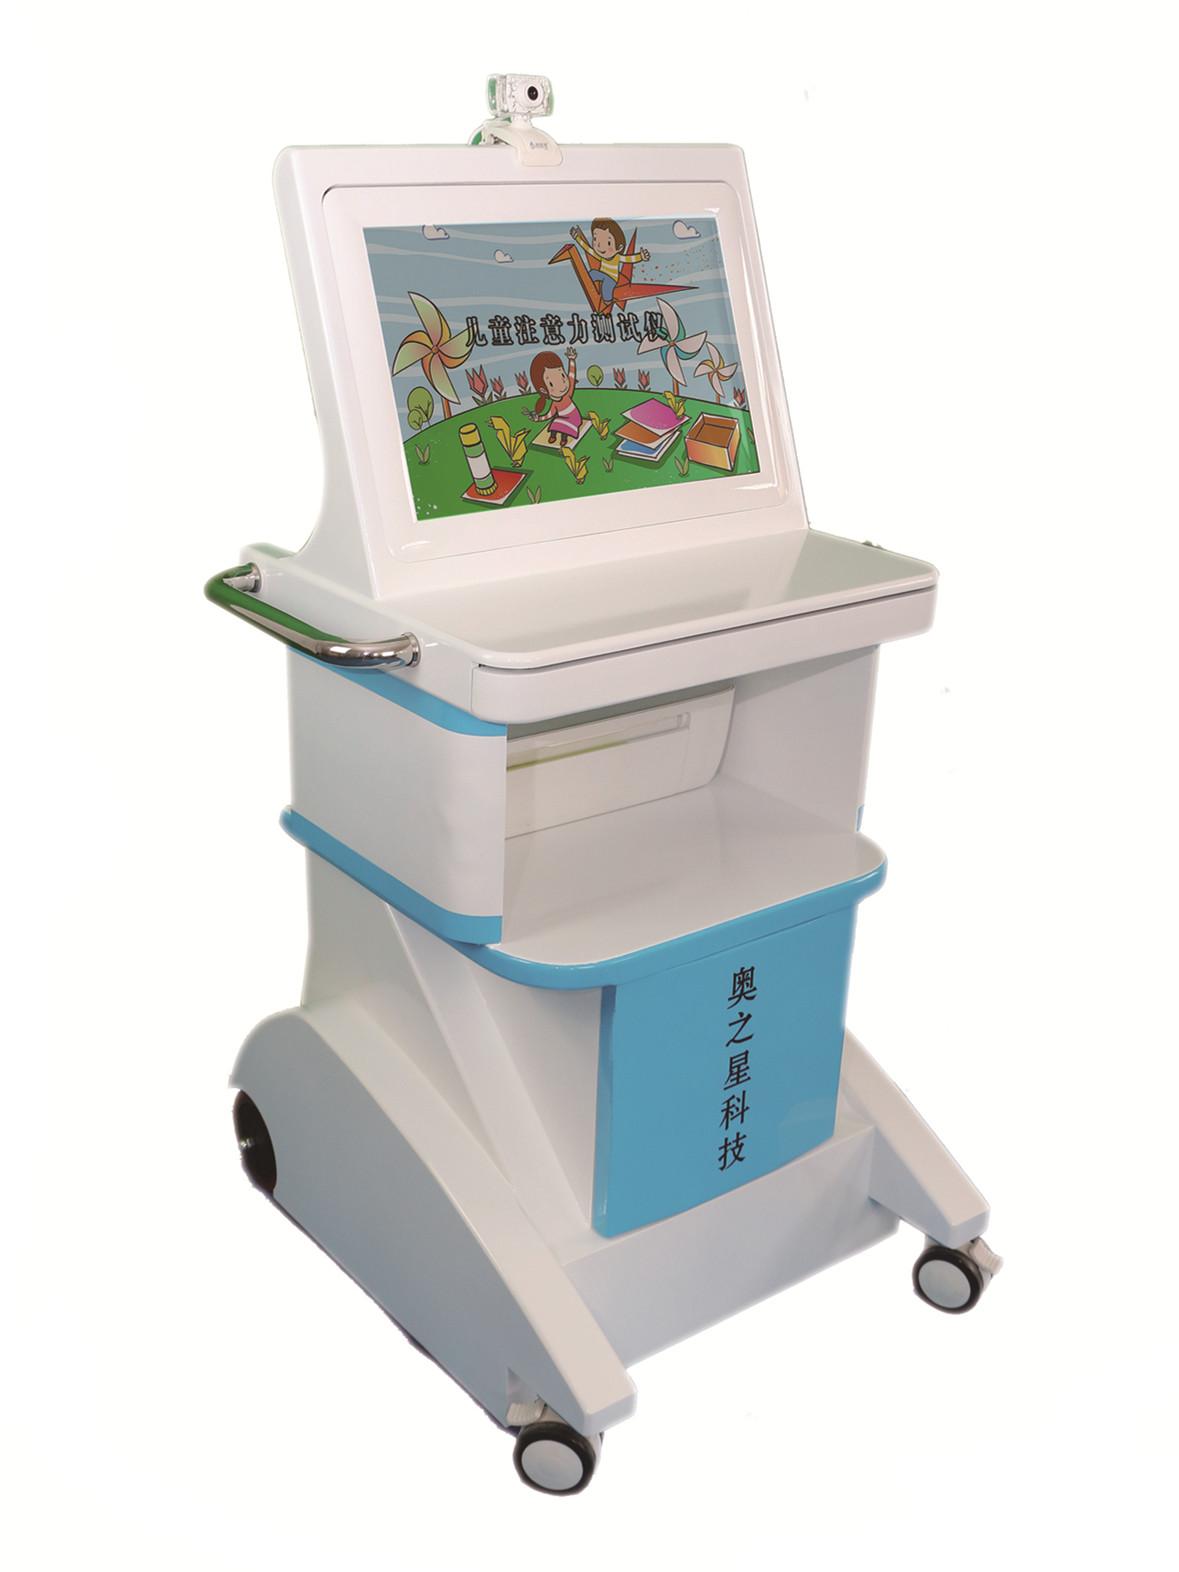 儿童综合素质测试仪 儿童智力测试仪 儿童注意力测试仪专业生产厂家 专业产品儿童注意力测试仪